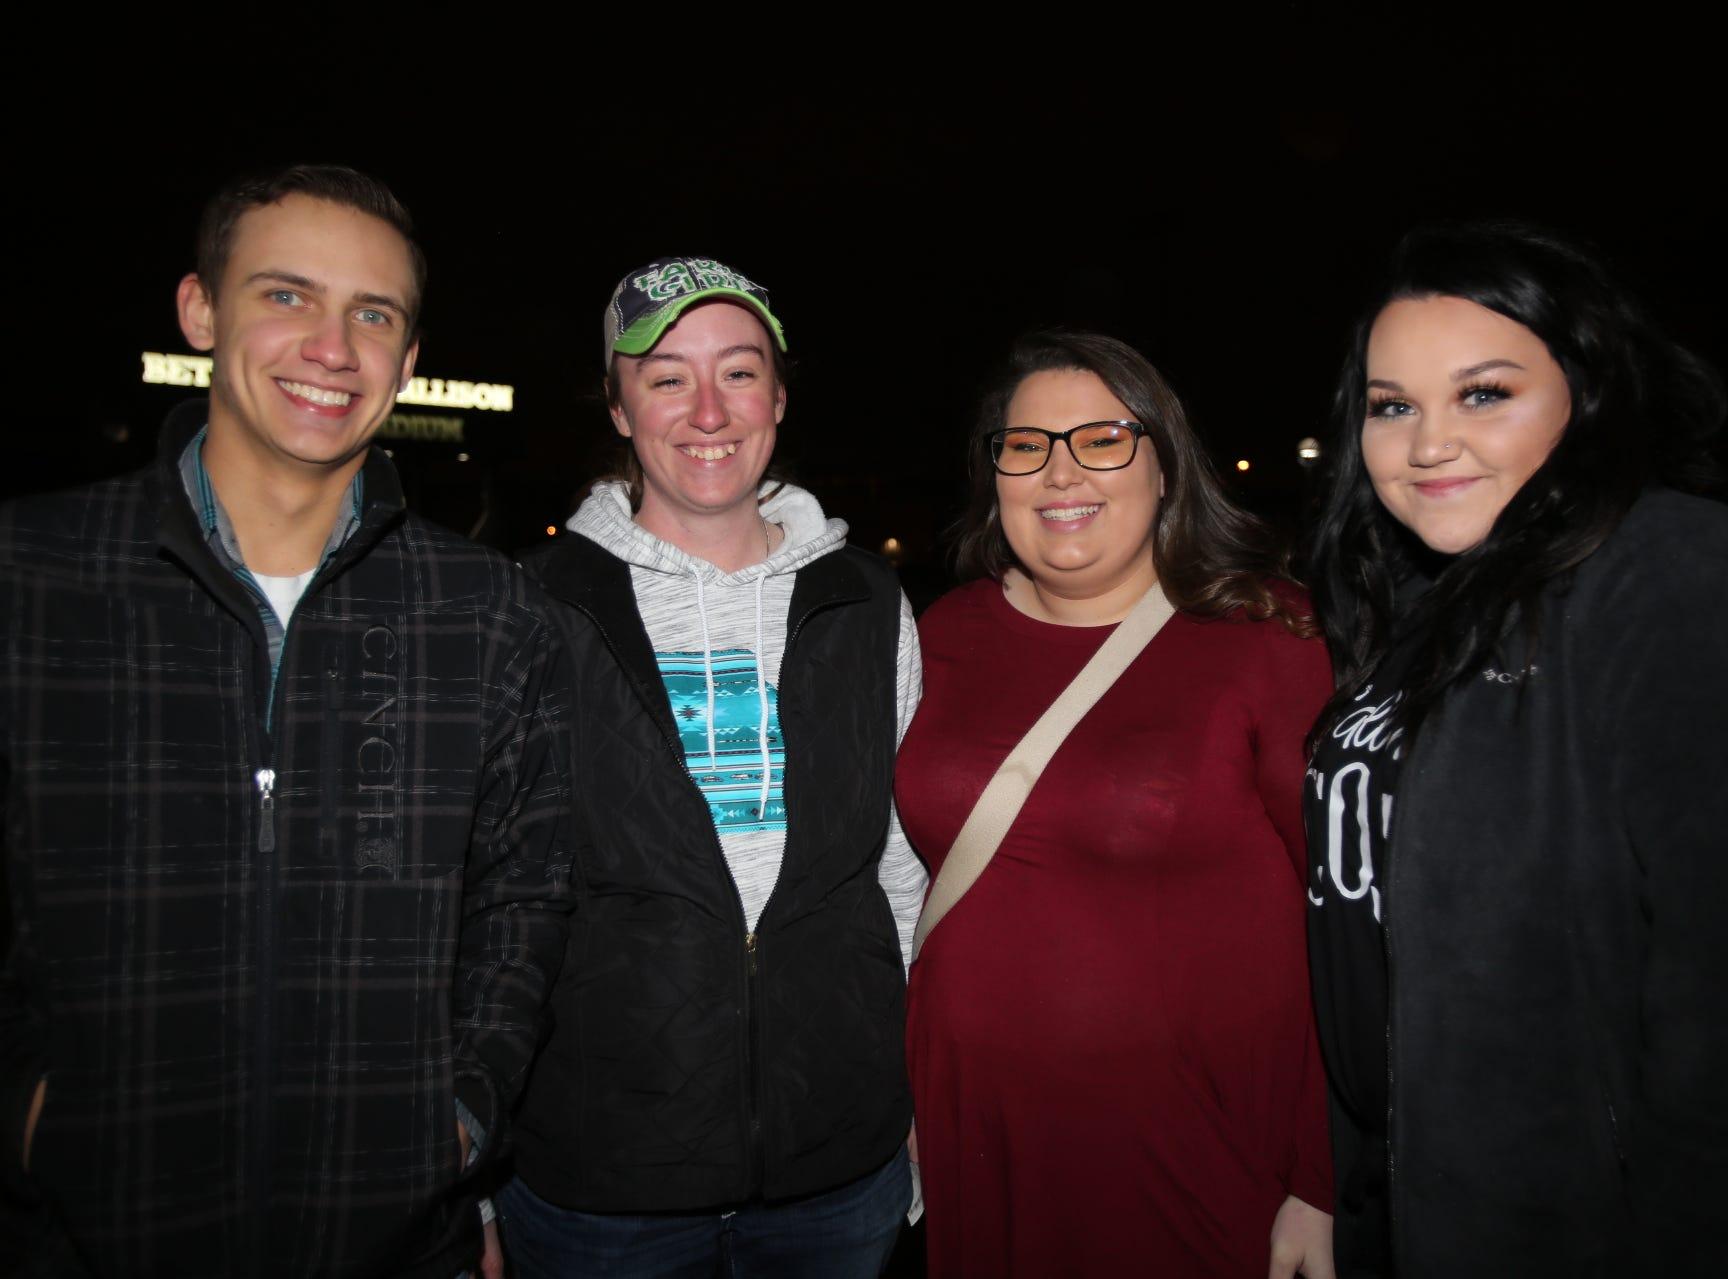 Dillon Kepley, Jayme Snodgrass, Tory Horne, and Bailey Powell